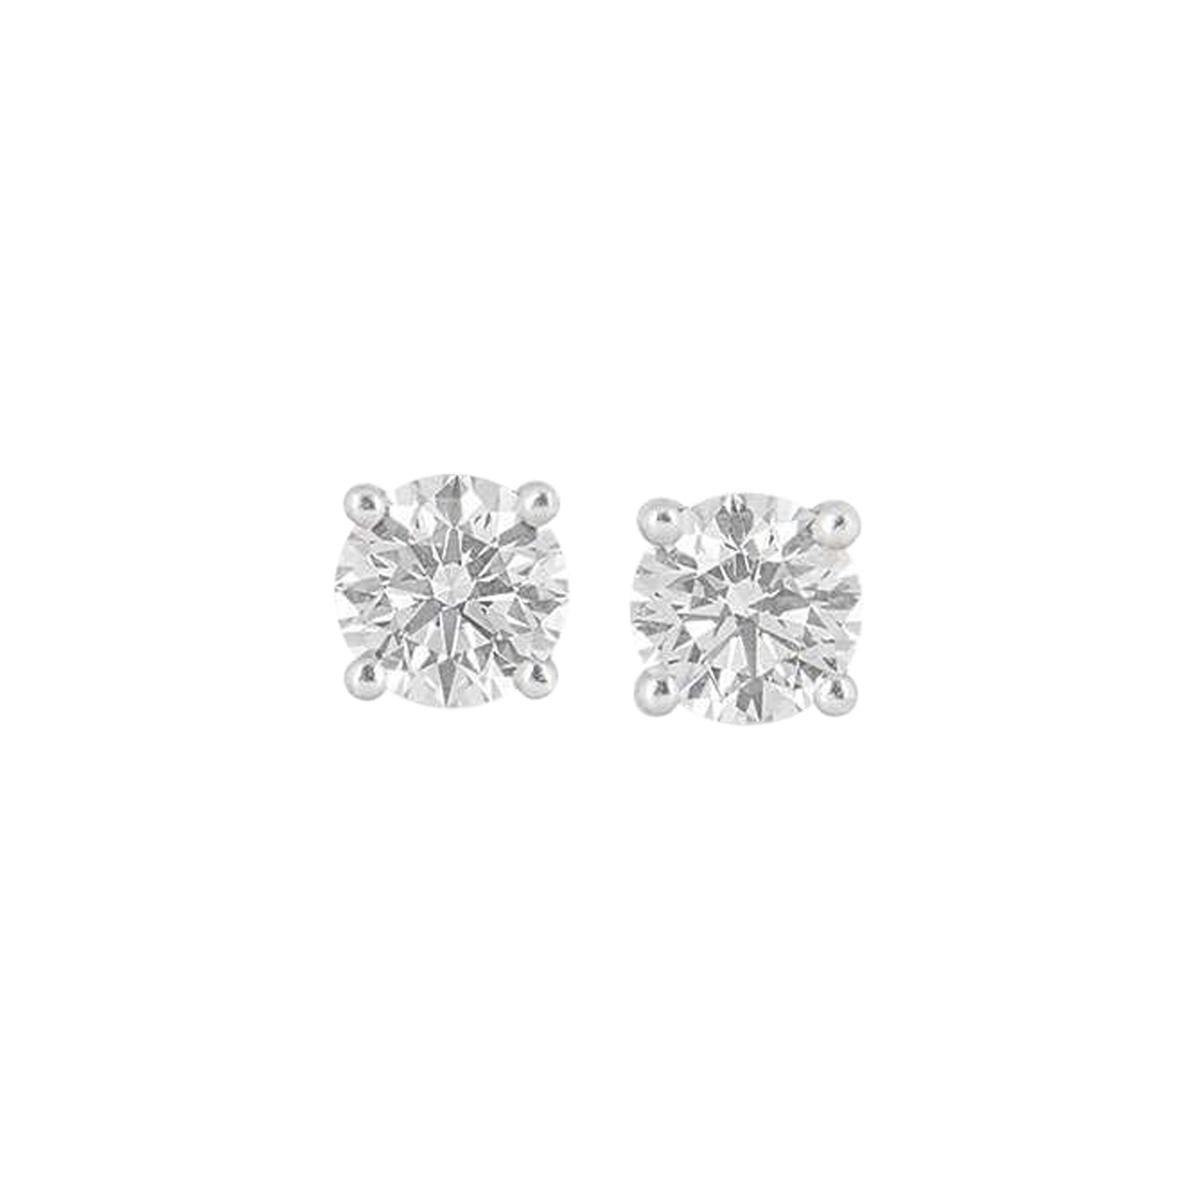 Tiffany & Co. Diamond Platinum Stud Earrings2.02 Carat